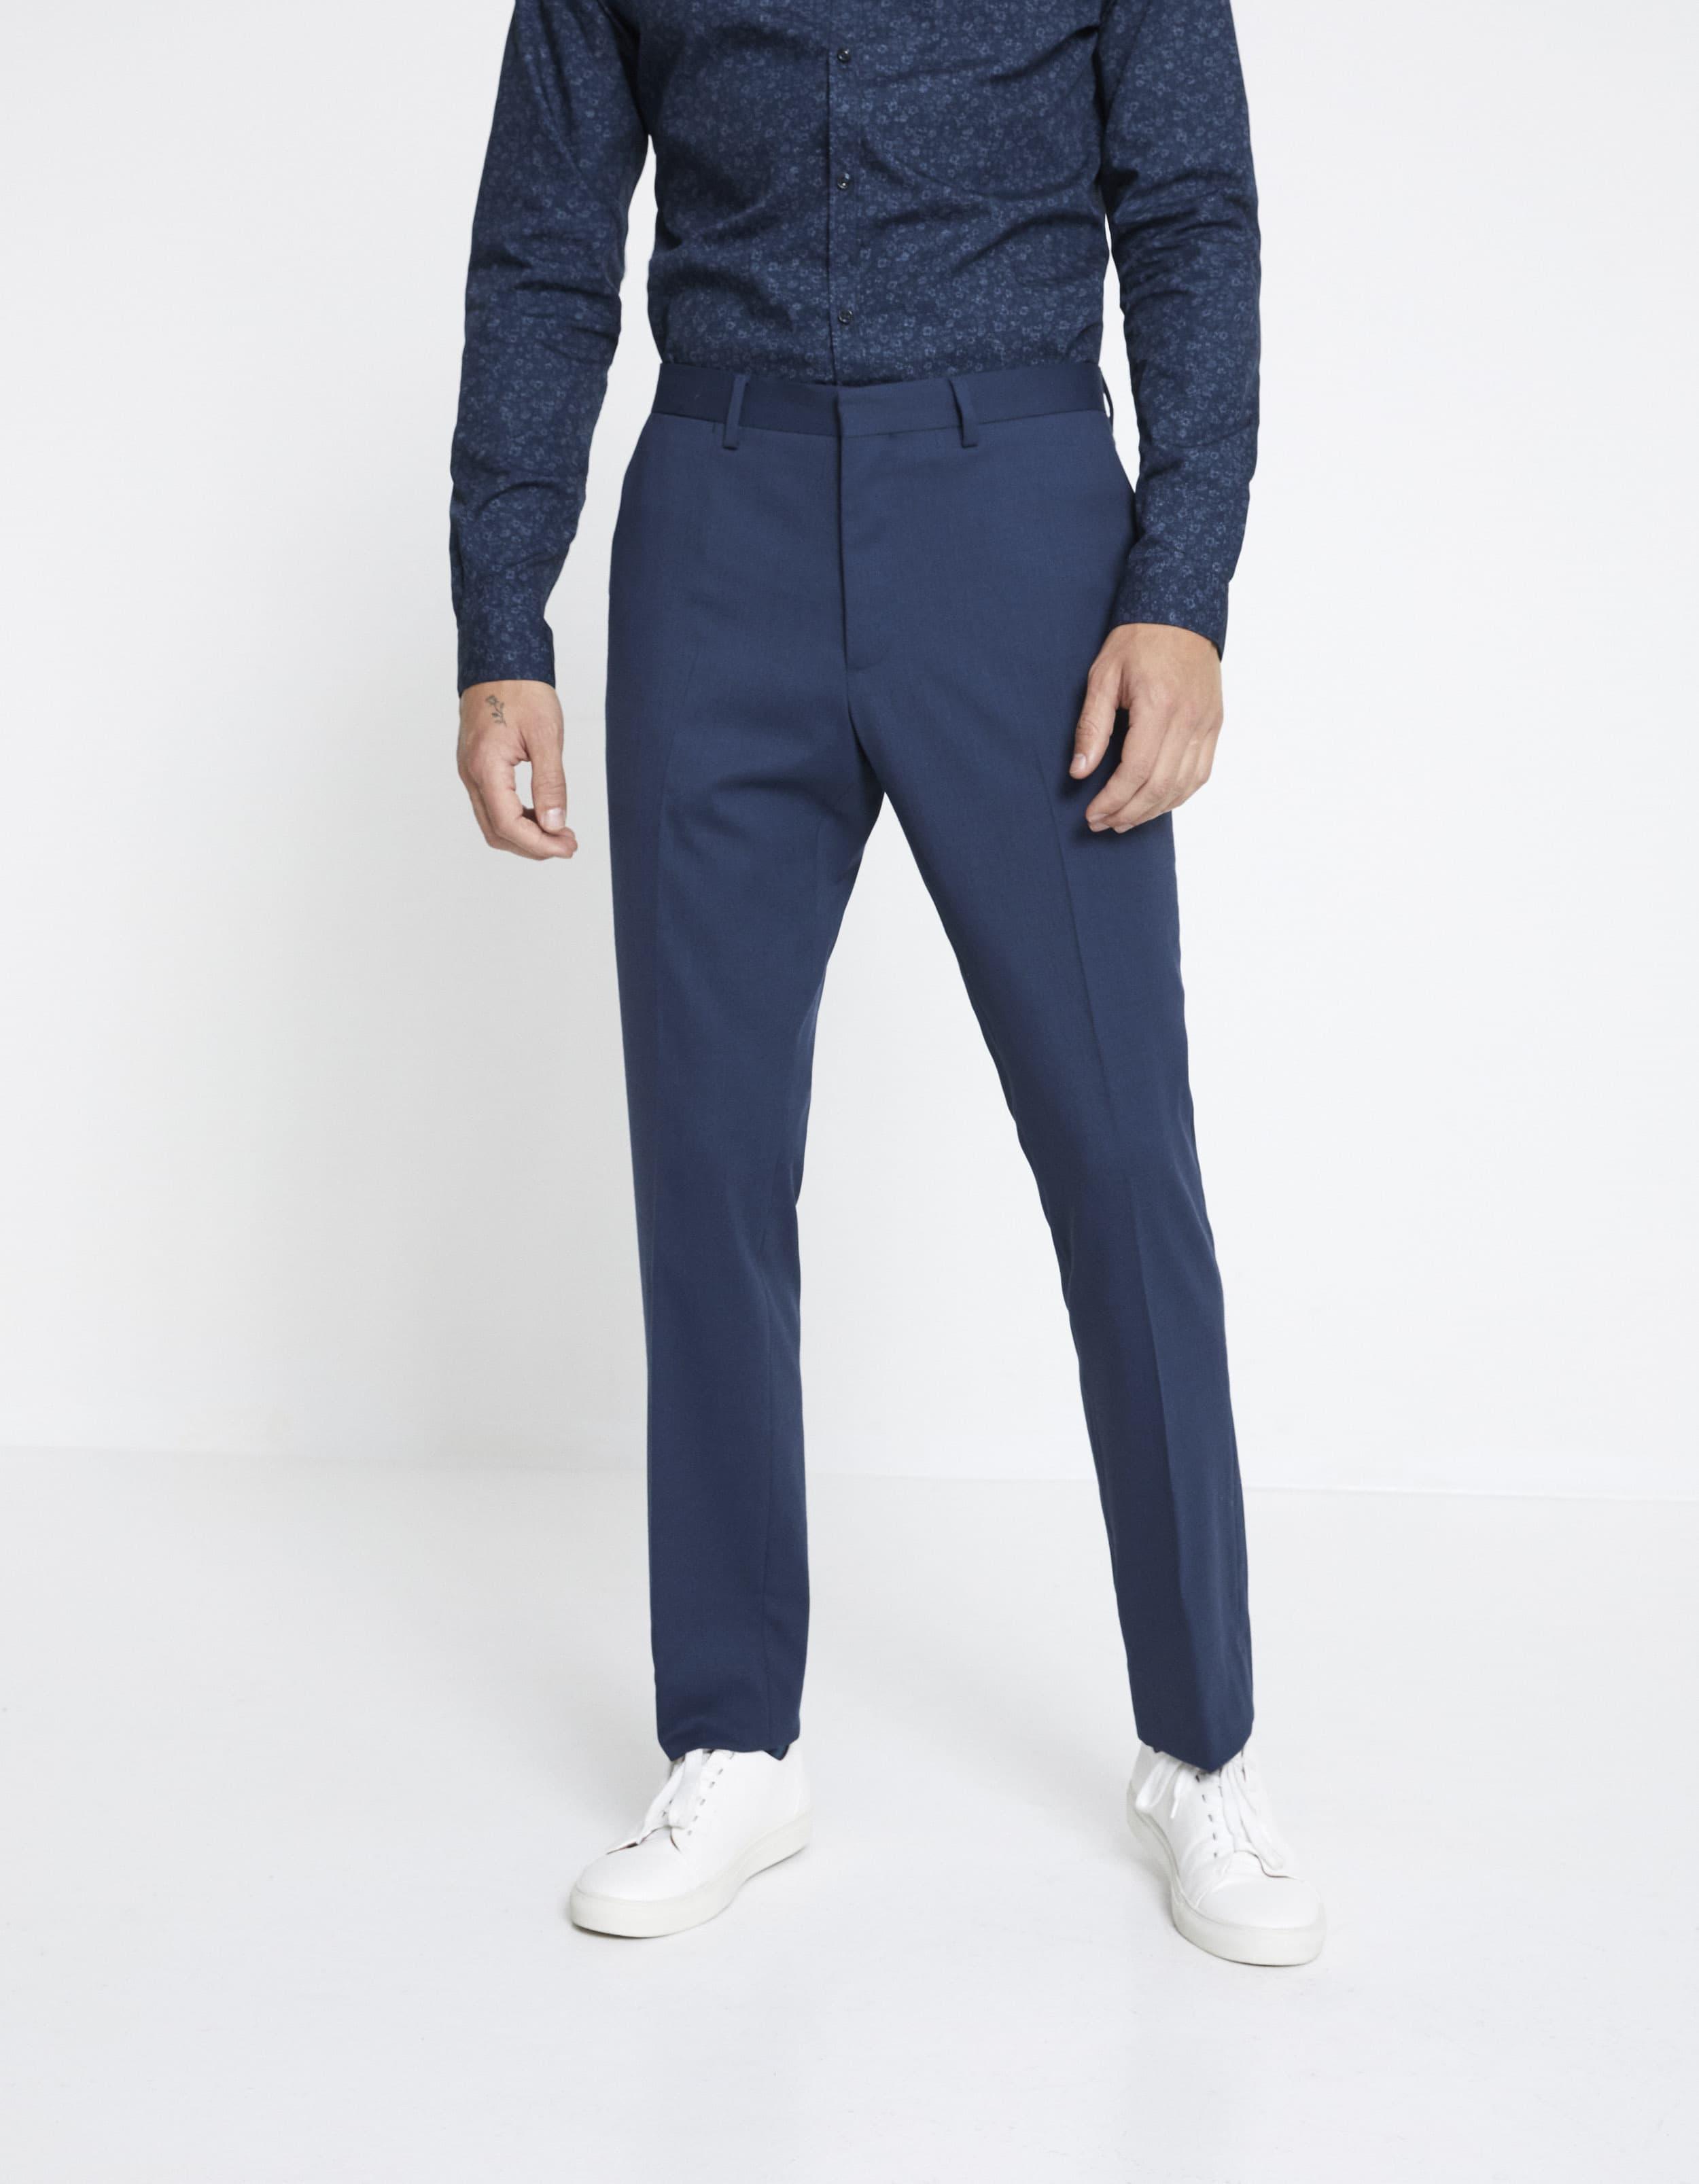 Pantalon NEY slim extensible laine mélangée uni – bleu Prix 59,99 €